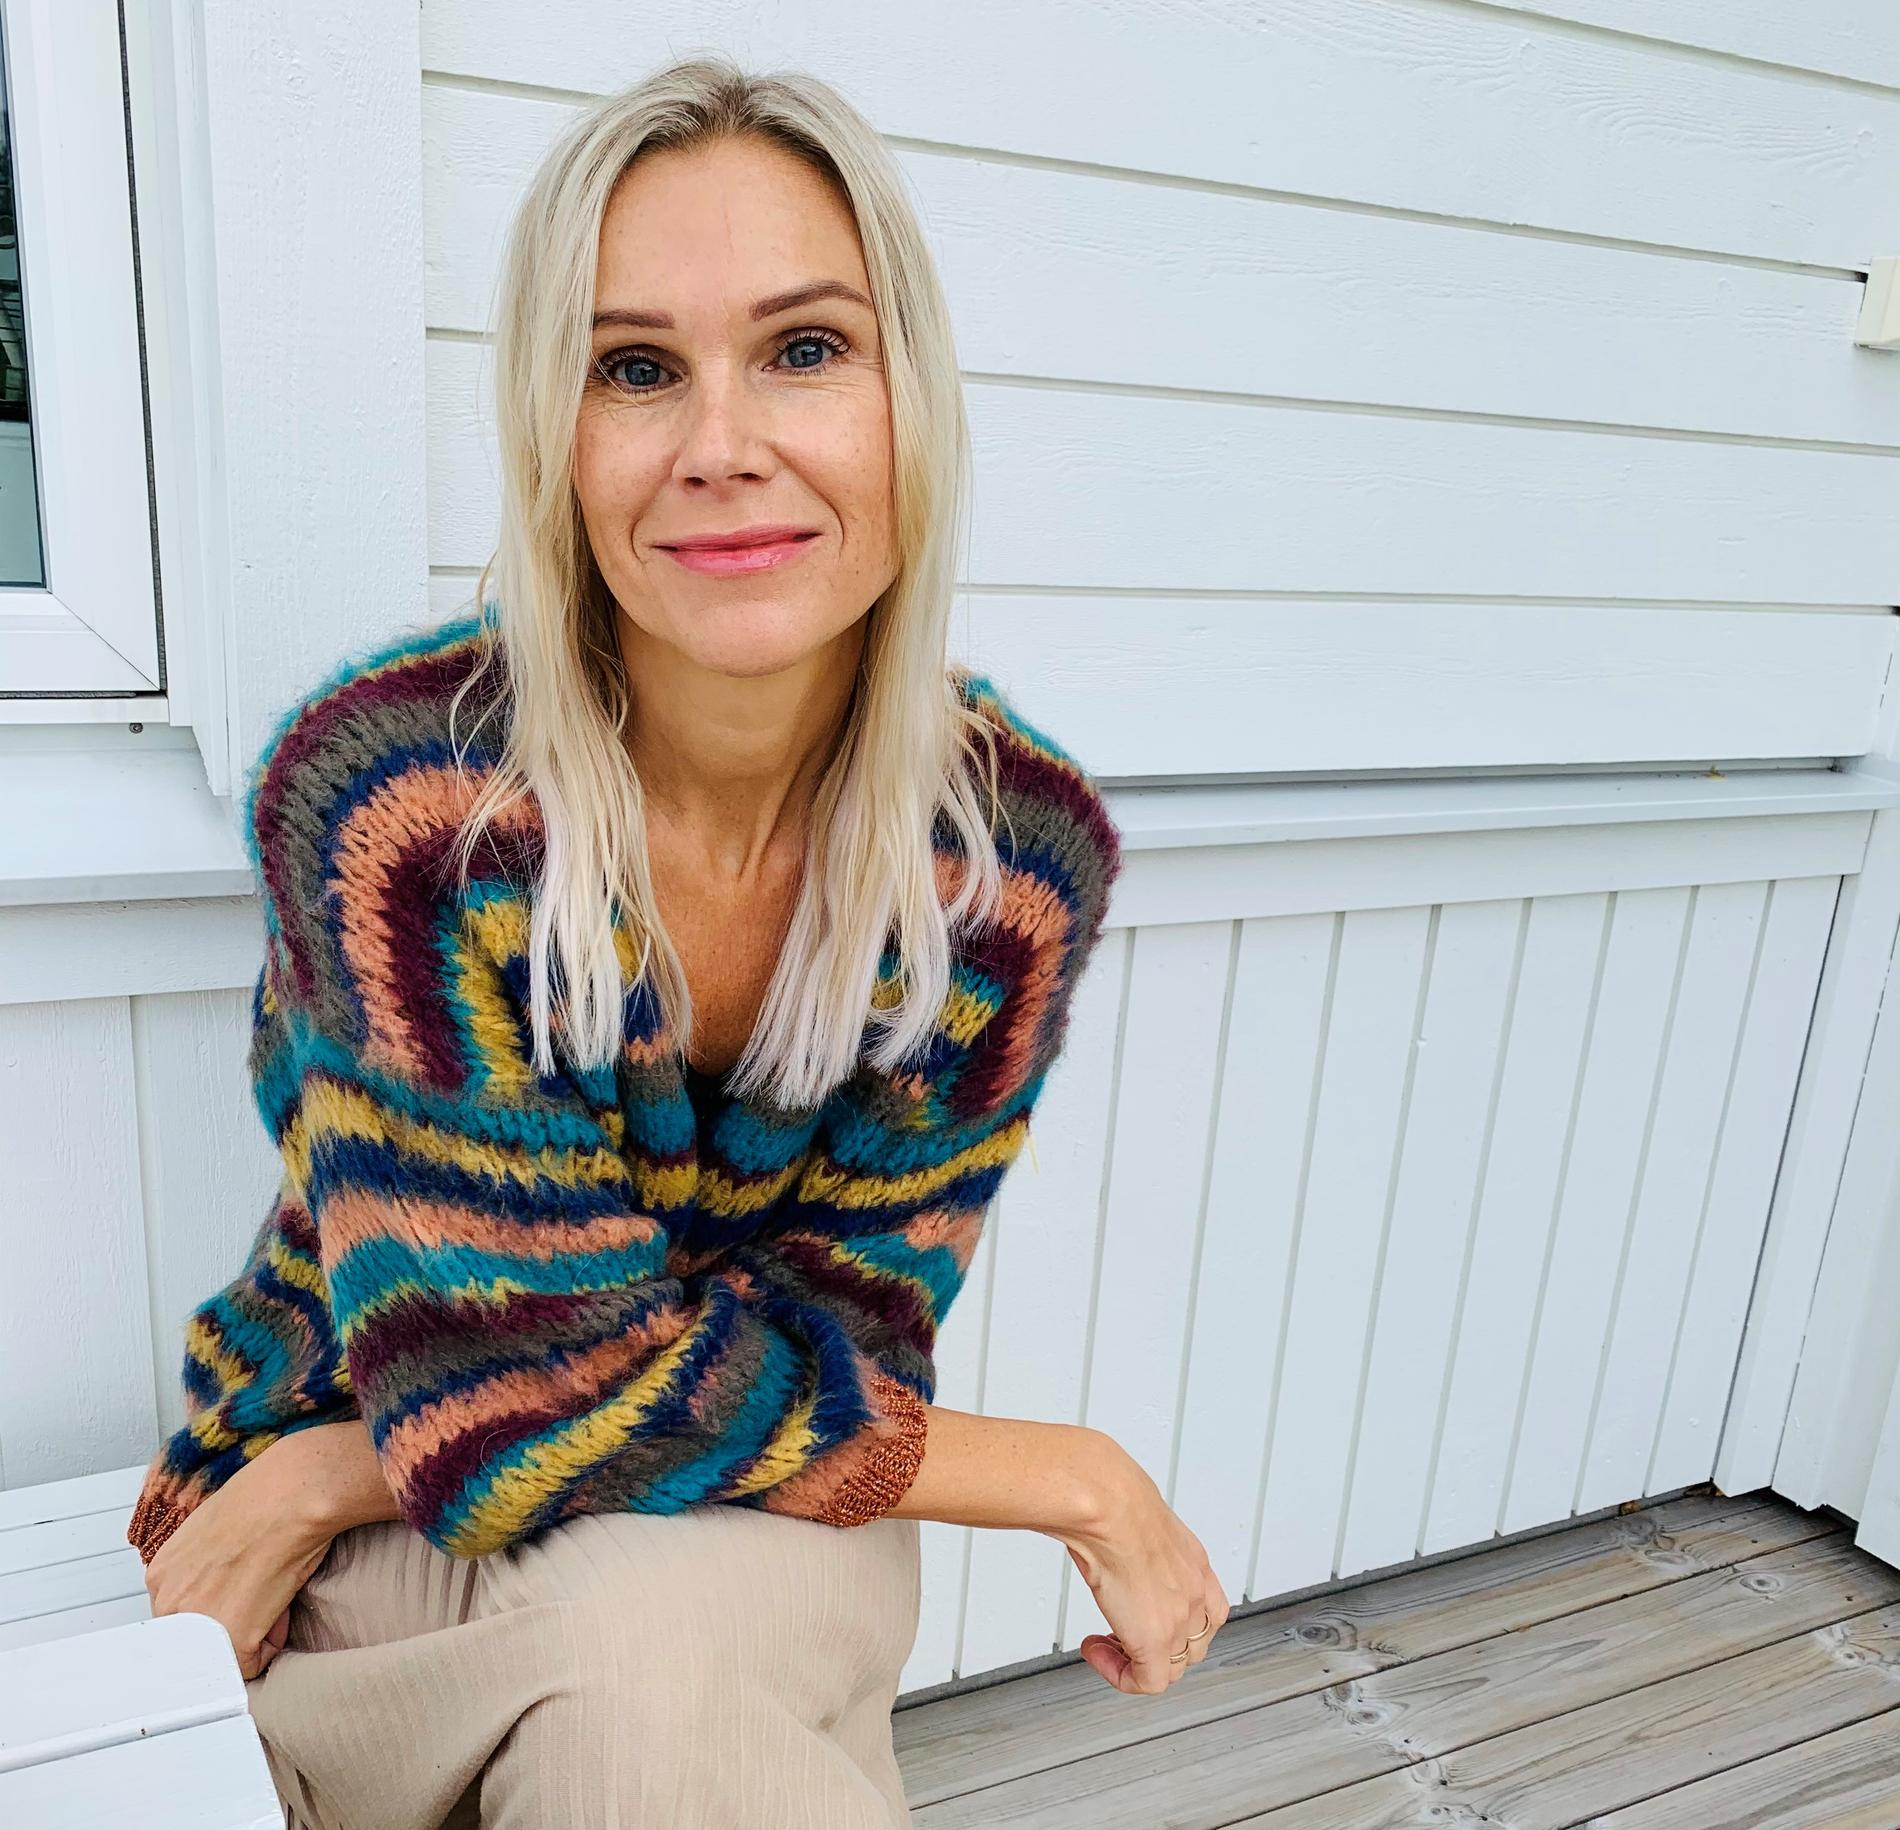 I dag arbetar Eva som samtalsterapeut för att hjälpa andra.